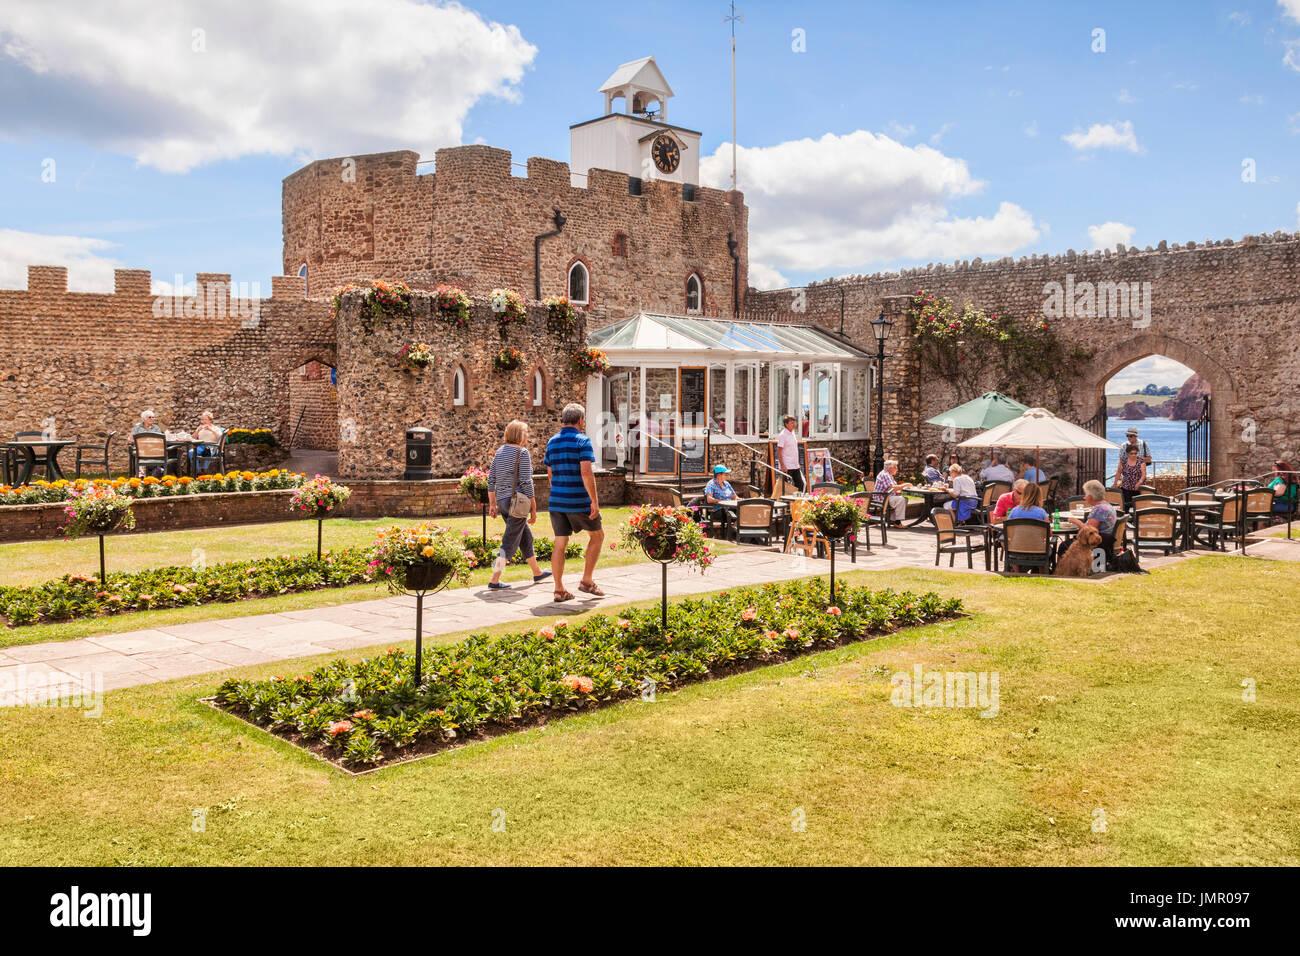 3 Juillet 2017: la ville de Sidmouth, Dorset, England, UK - Cafe dans Connaught Jardins sur une journée ensoleillée. Photo Stock